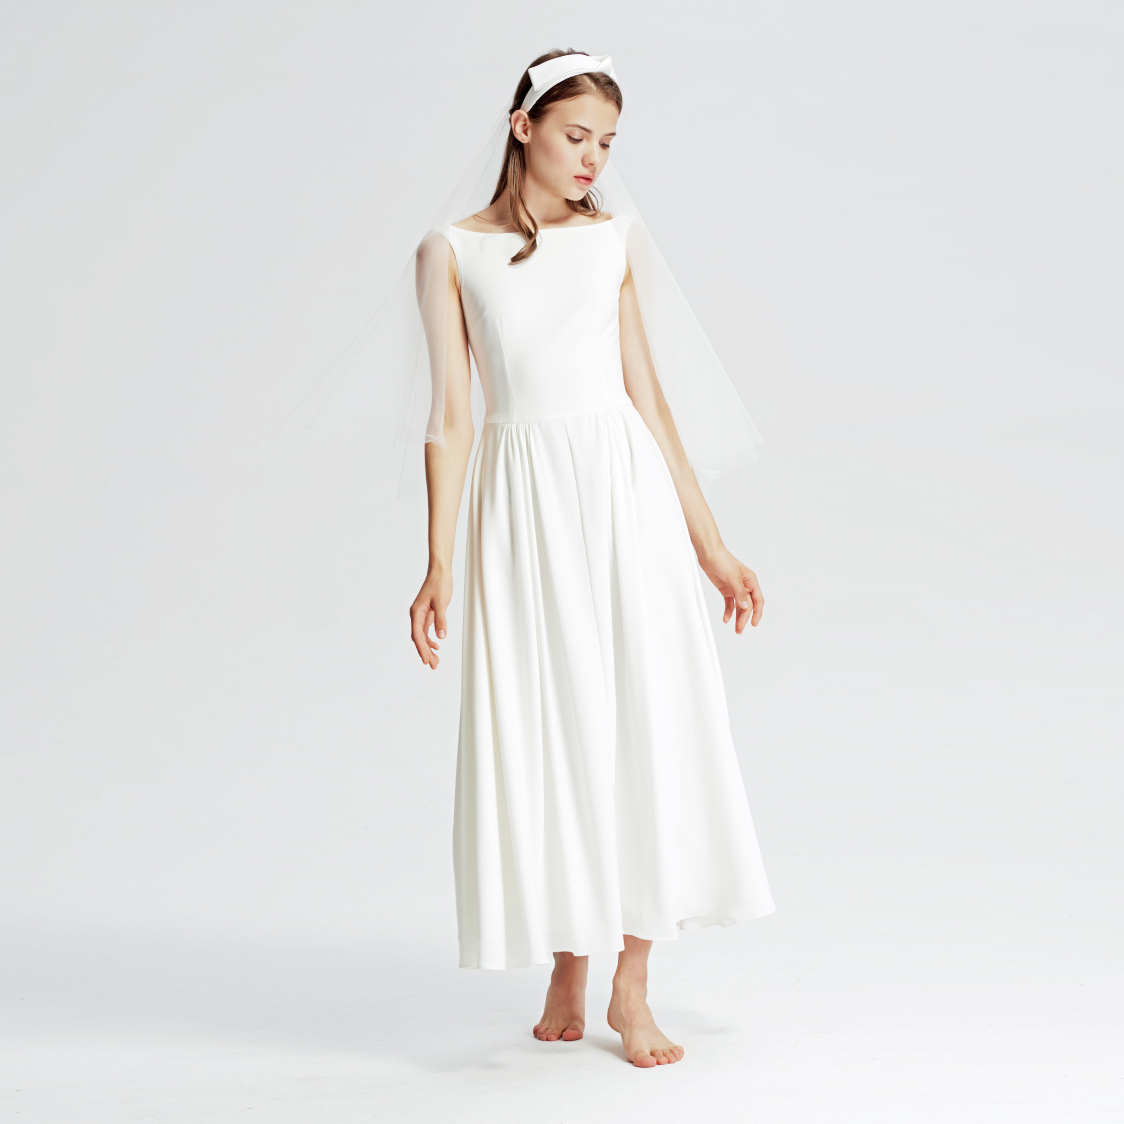 Simple Wedding Dresses Boat Neck: Vintage Boat Neck Backless Wedding Dresses Simple Pleats